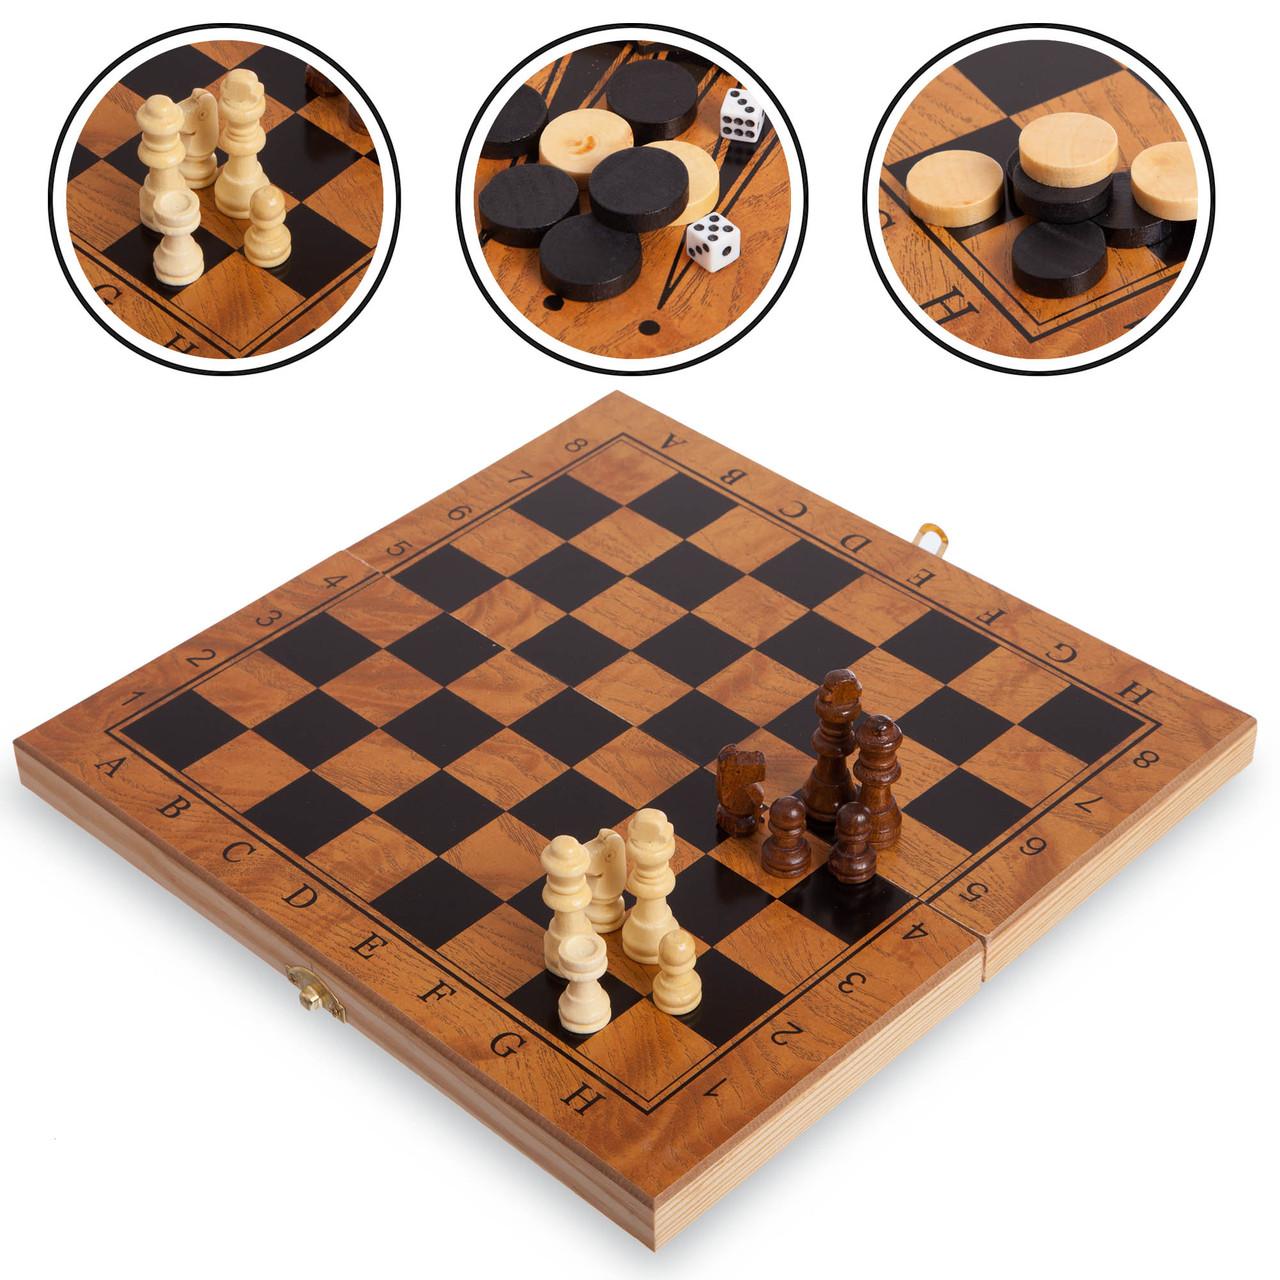 Набір настільних ігор 3 в 1 S4034 - шахи, шашки, нарди дерев'яні